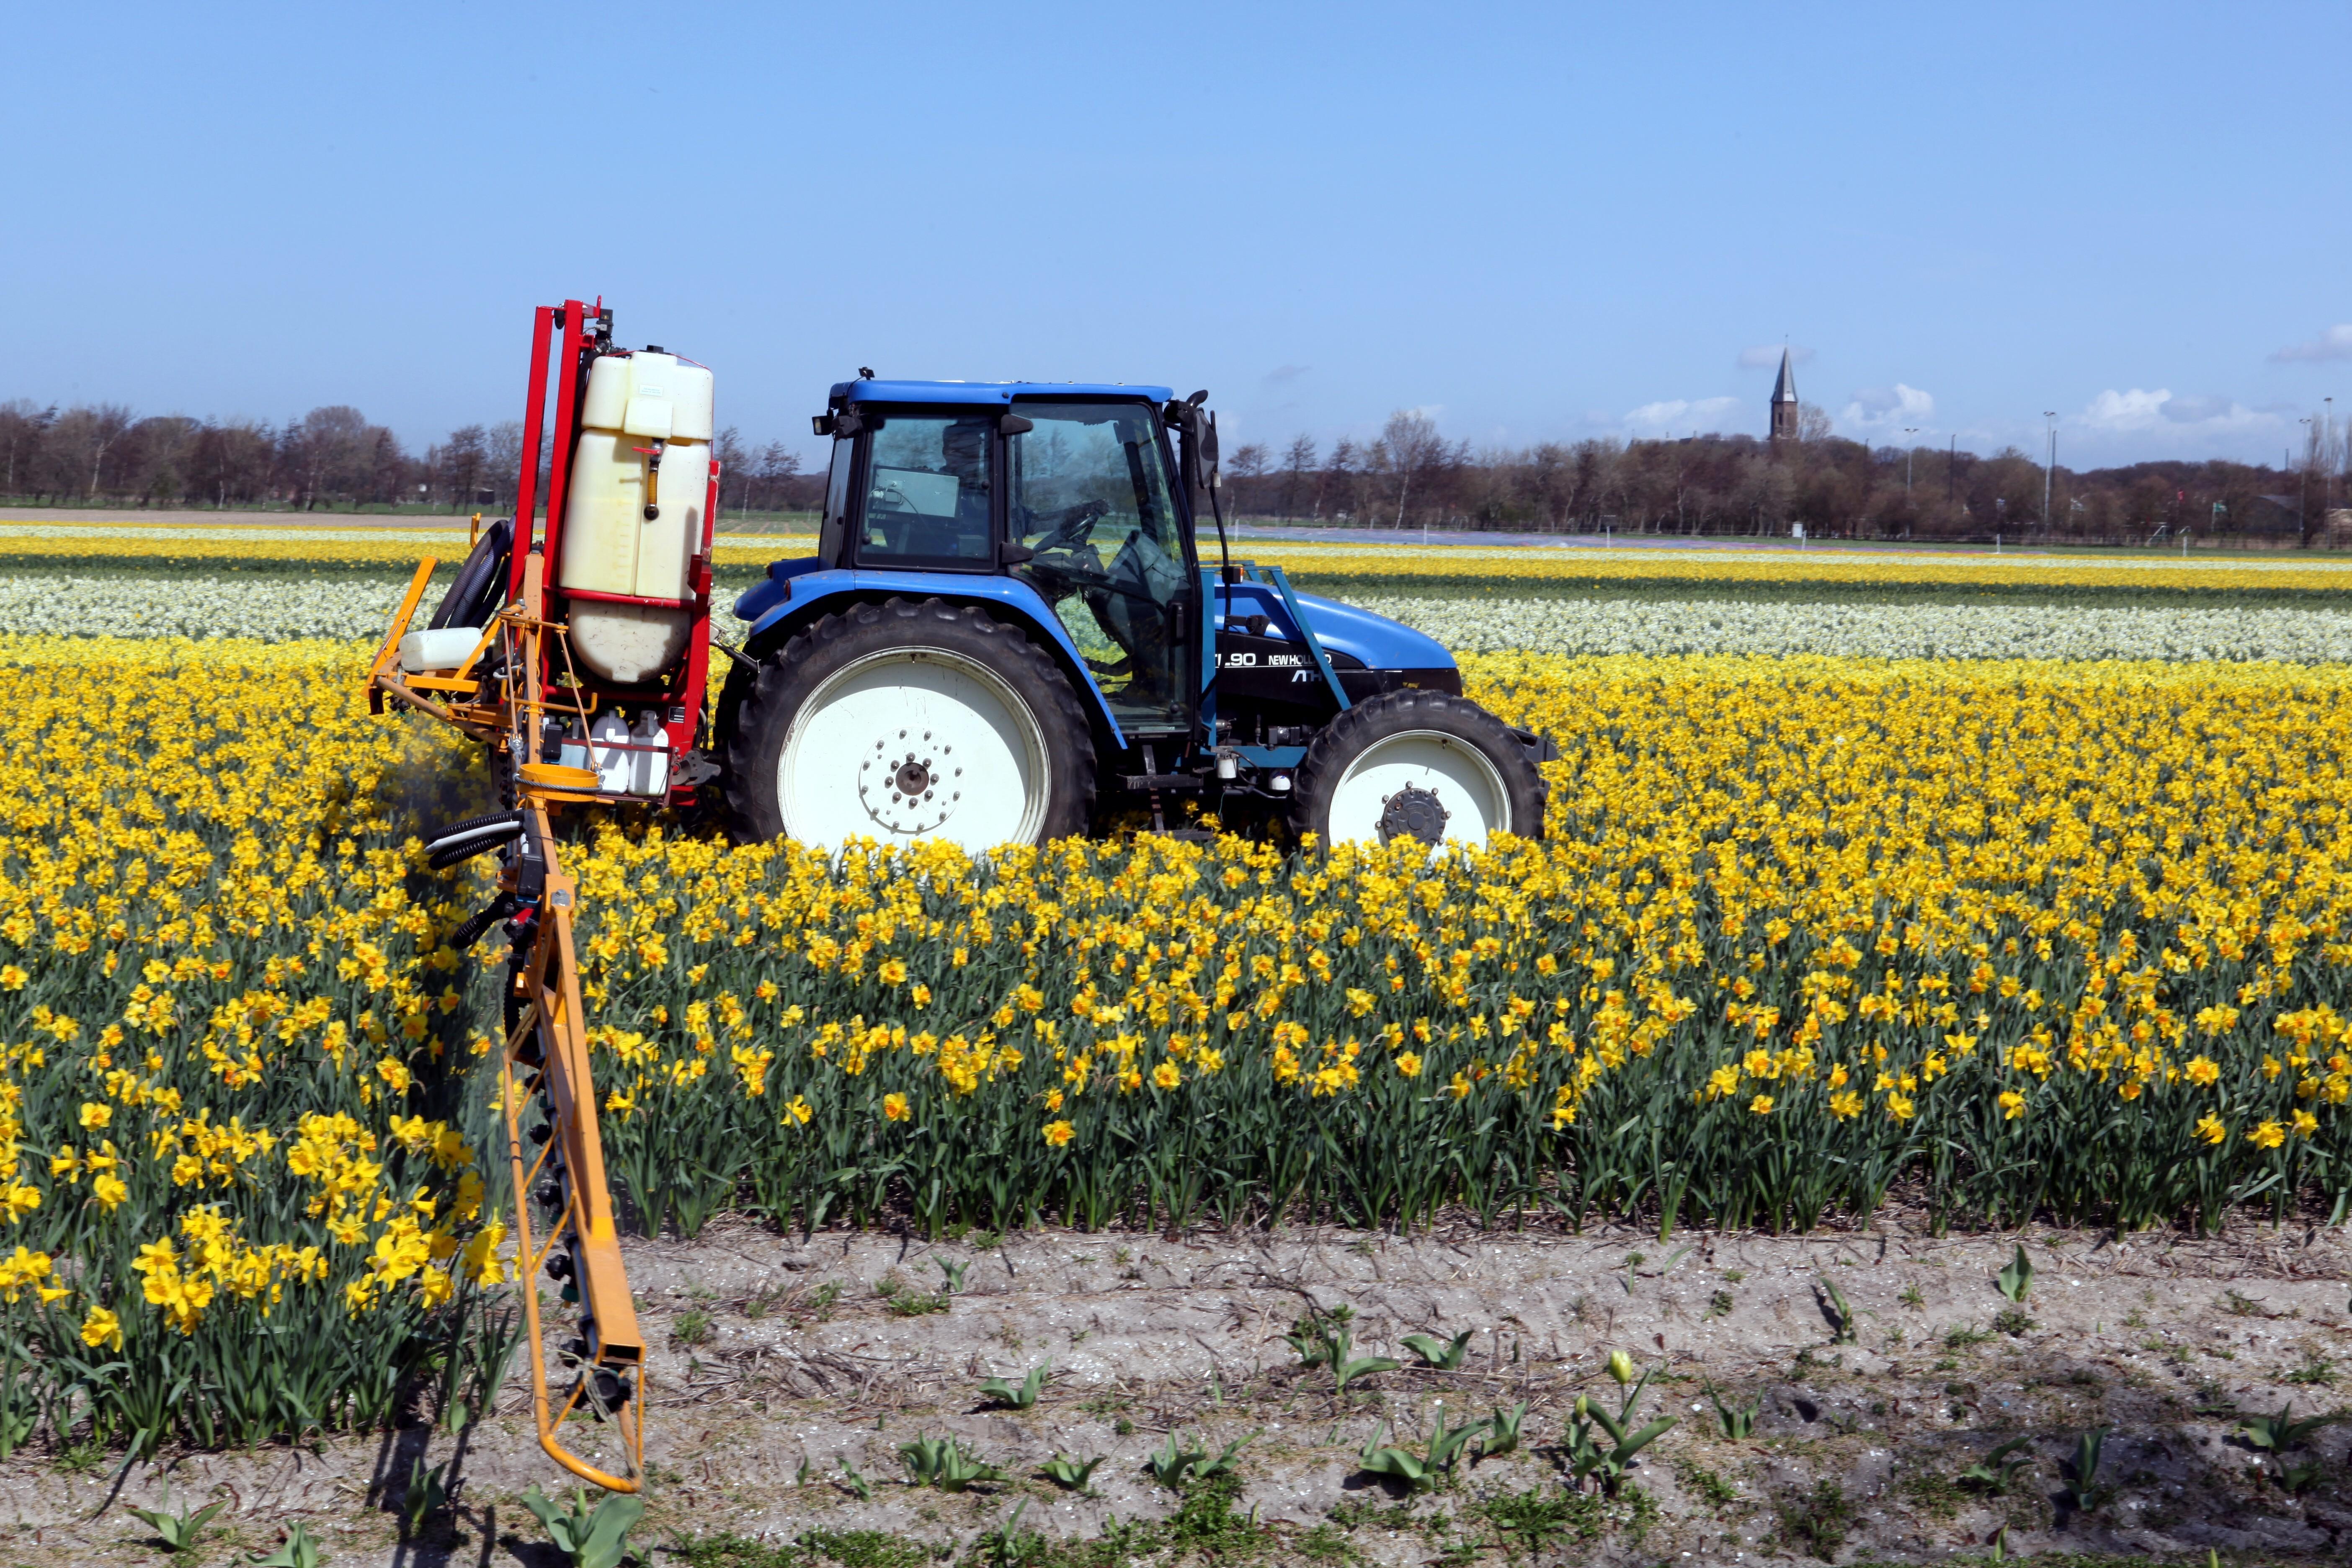 Farming Equipment Field Sprayer